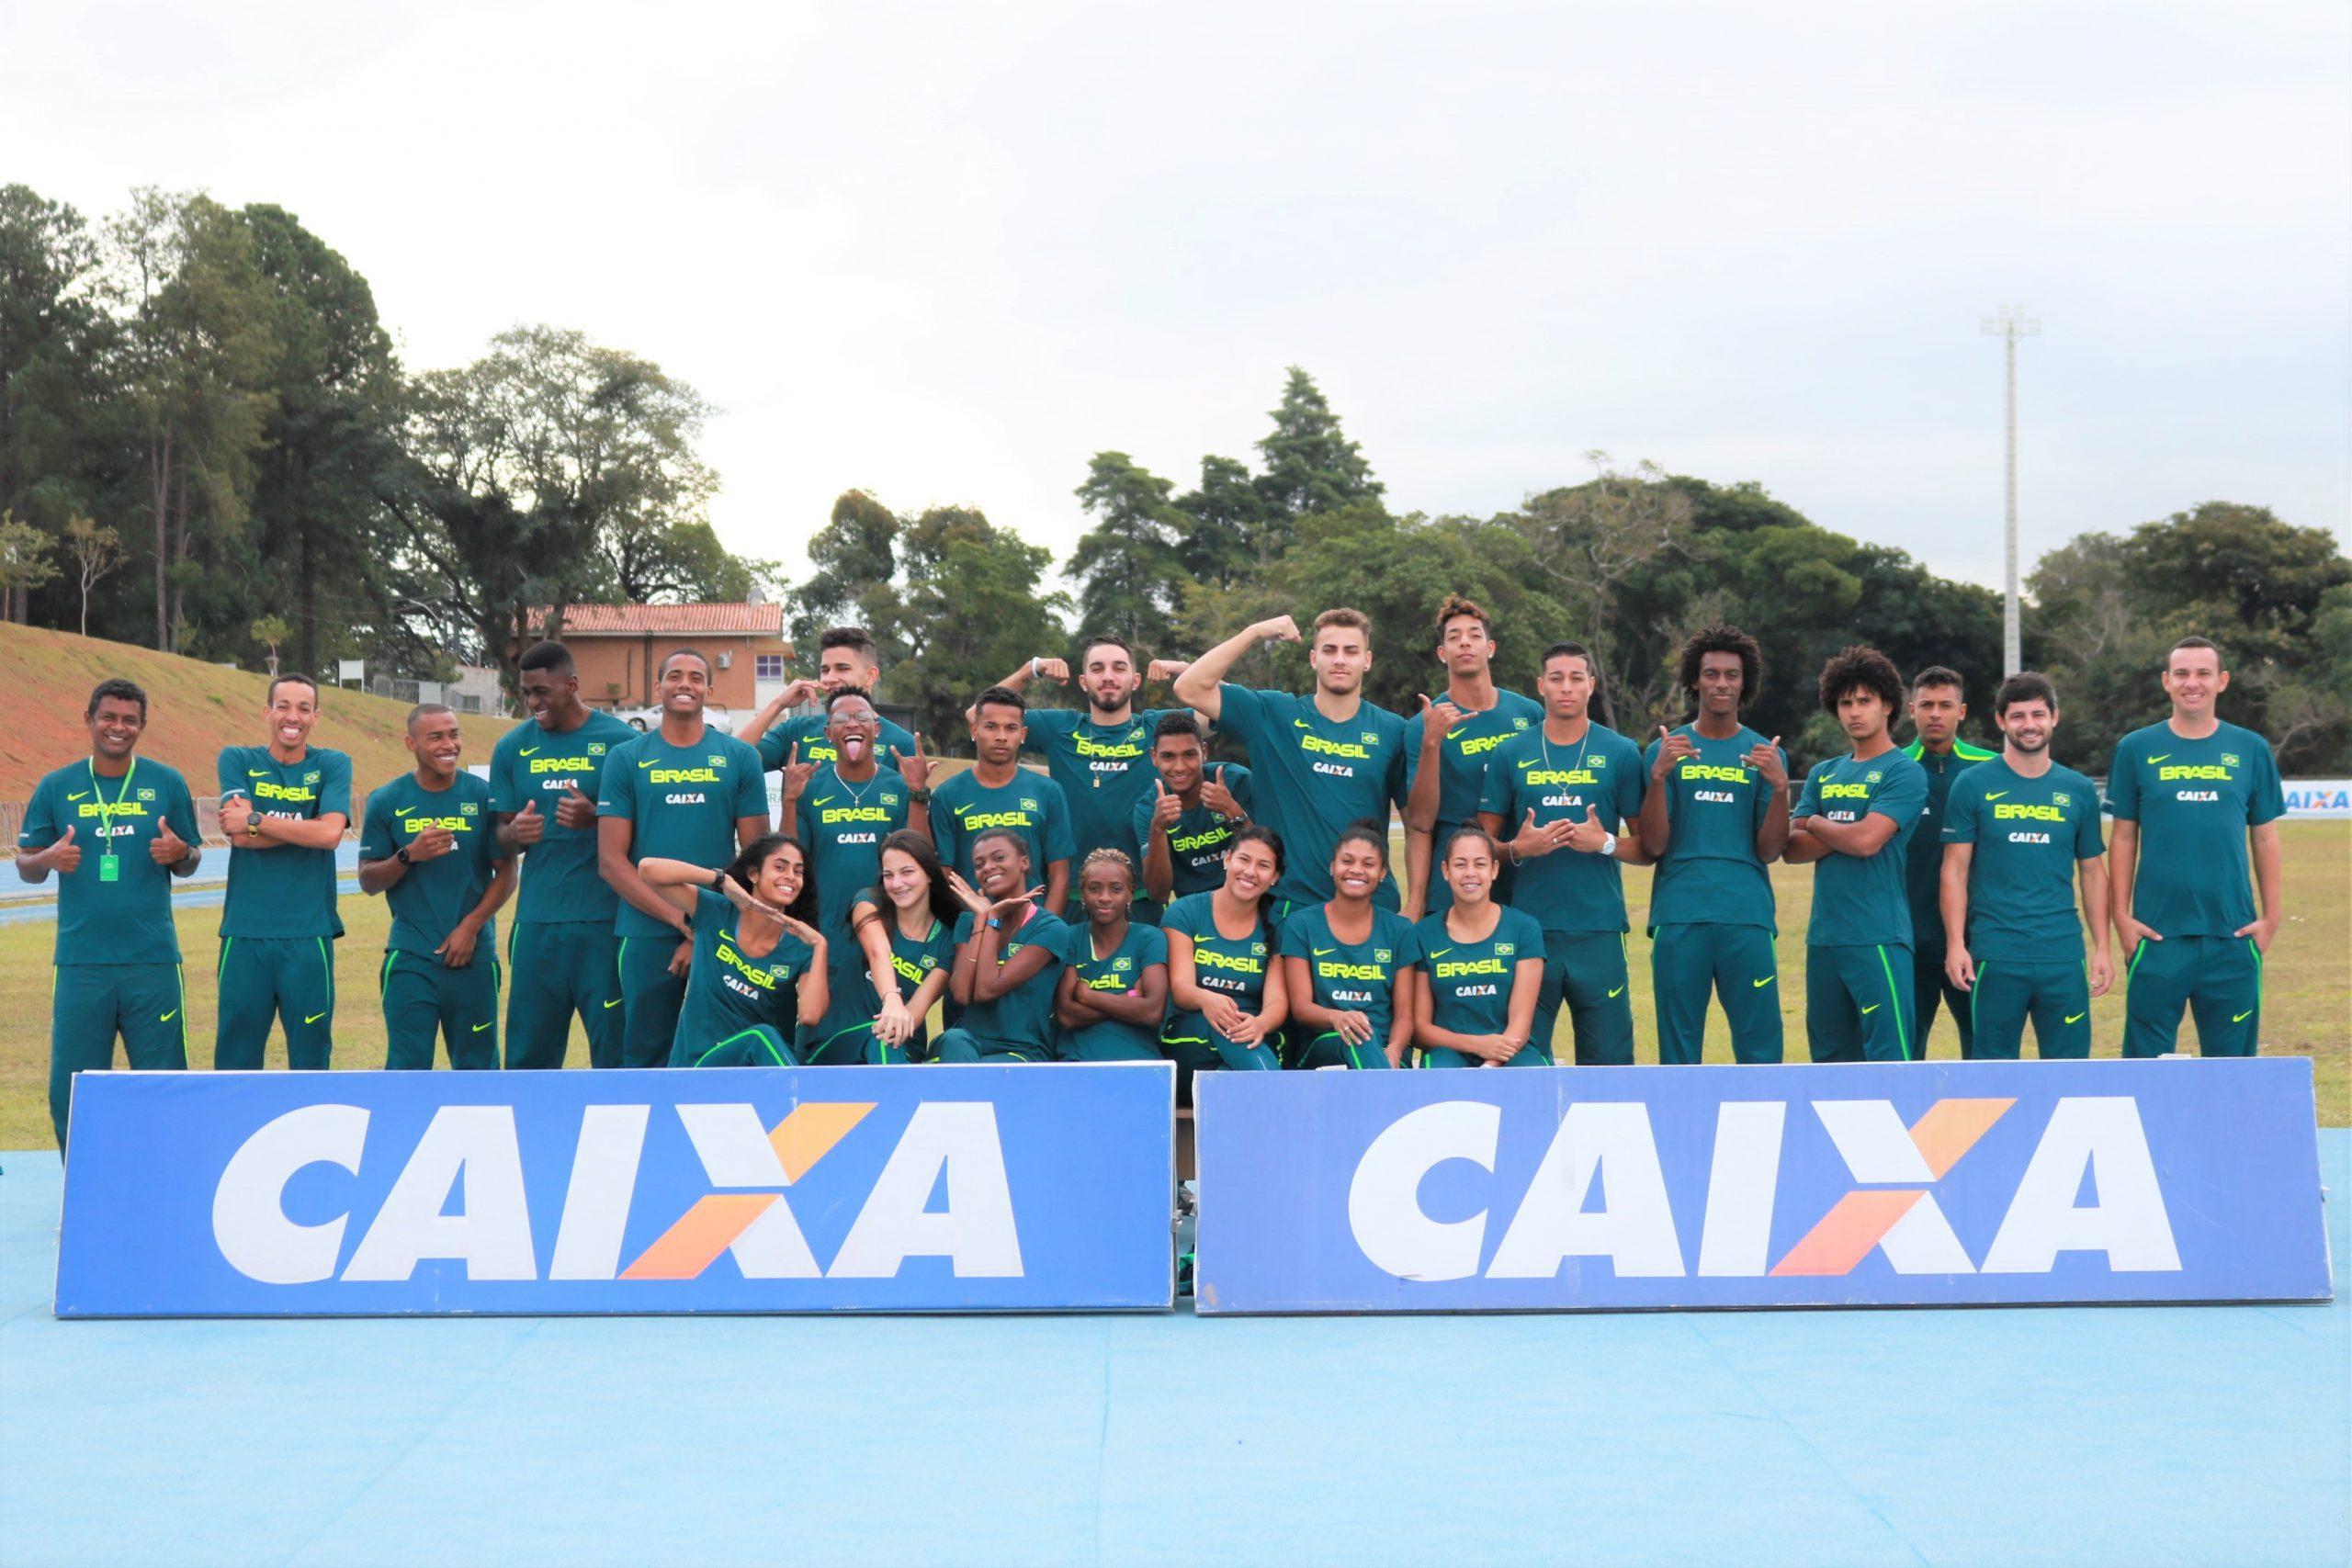 Brasil tenta melhor campanha da história no Pan-Americano Sub-20 de San José - Foto: Eder Motta/CBAt